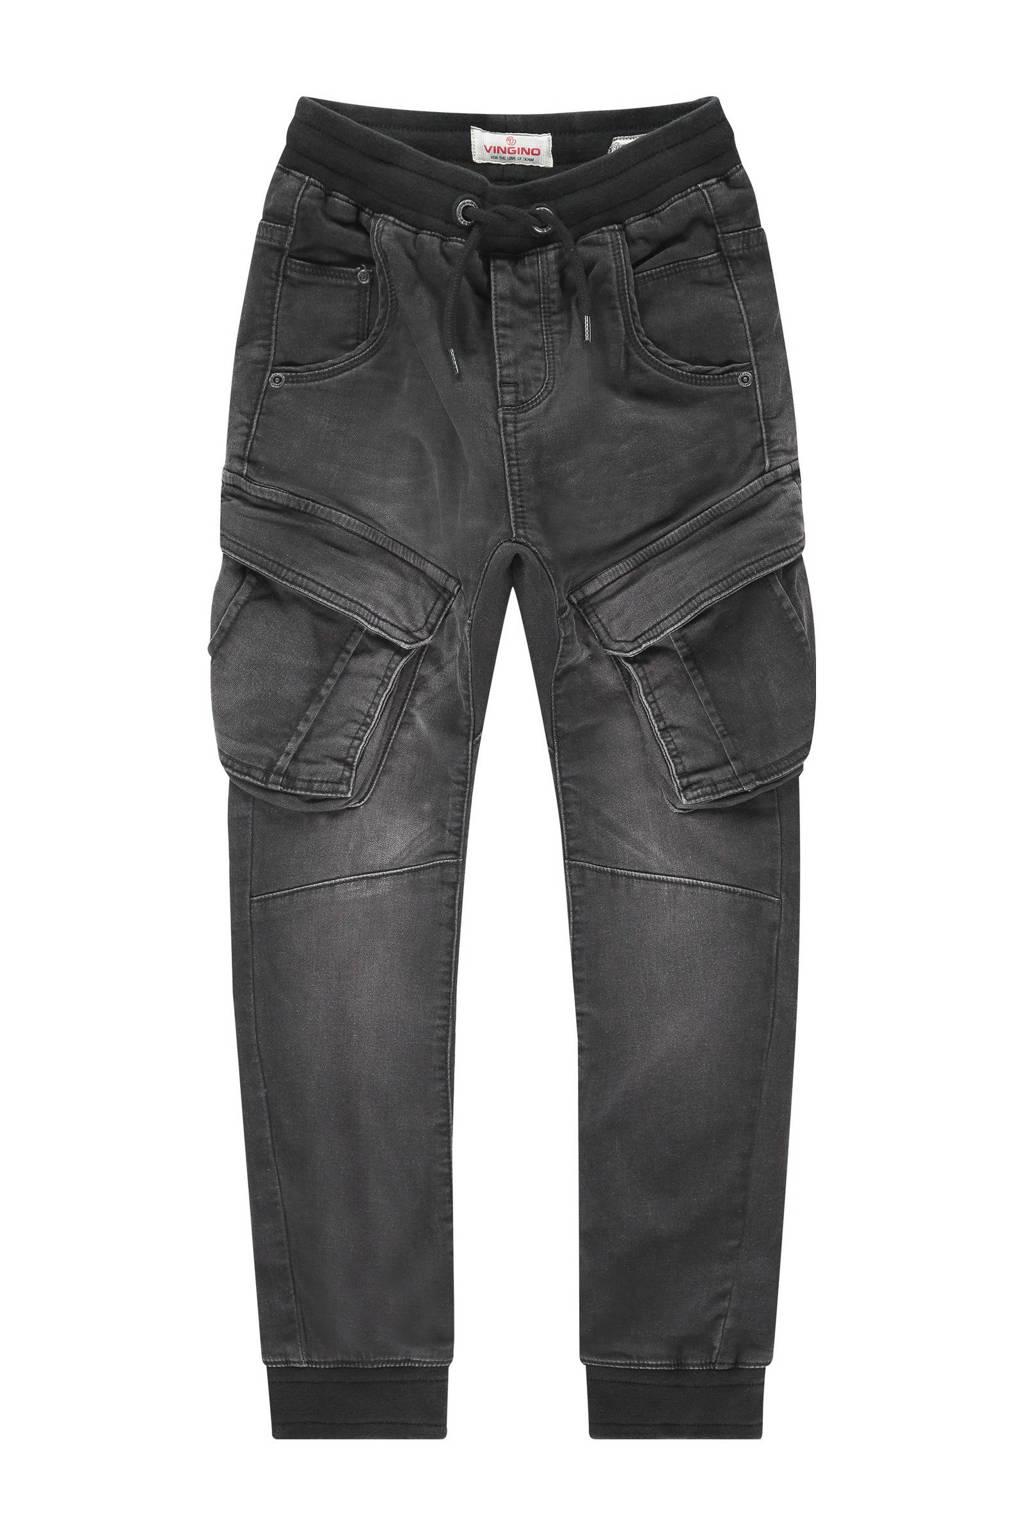 Vingino loose fit jeans Carlos black vintage, Black Vintage